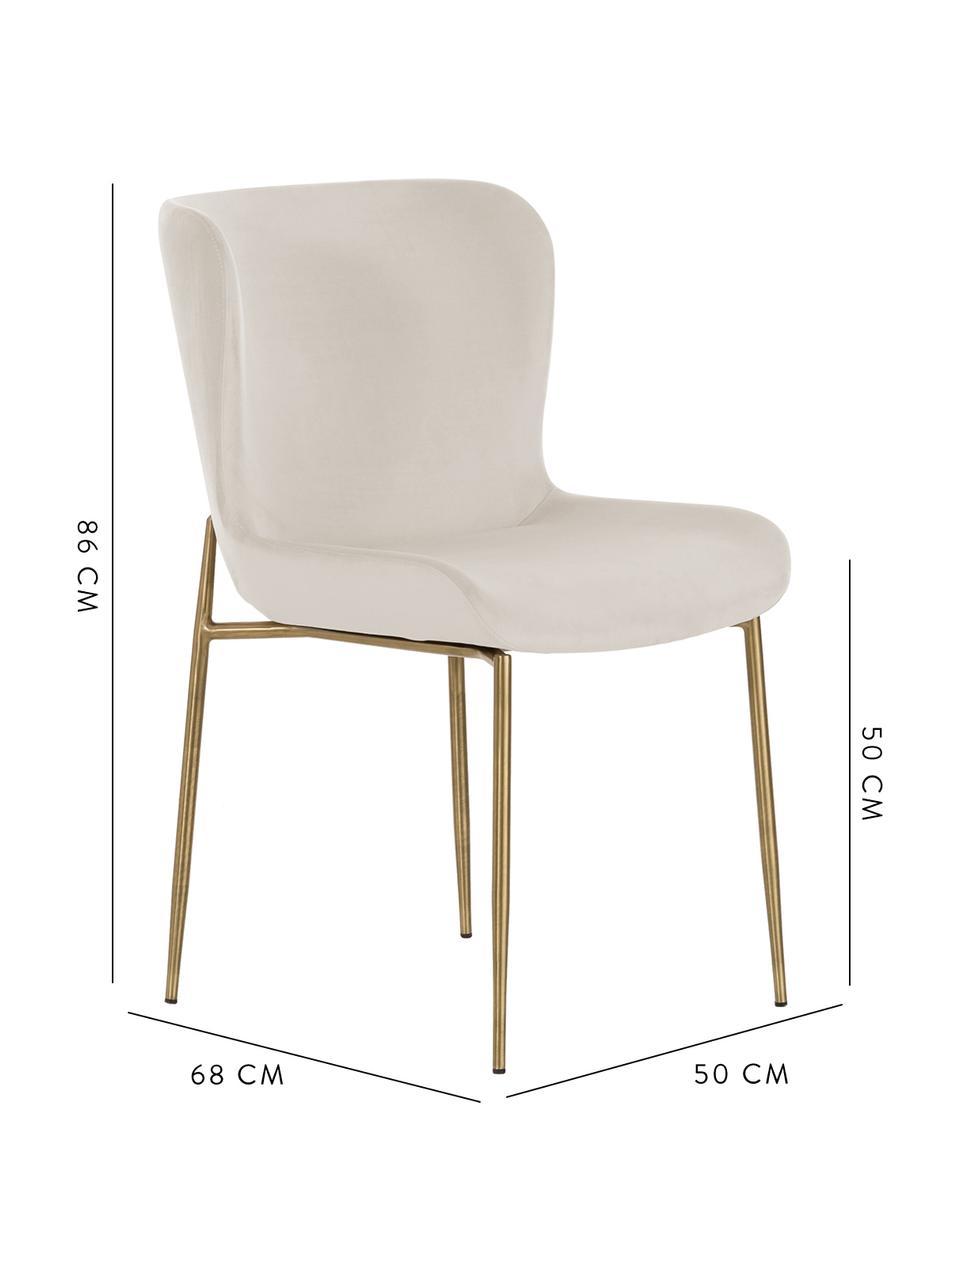 Fluwelen stoel Tess, Bekleding: fluweel (polyester) De be, Poten: gecoat metaal, Fluweel beige, poten goudkleurig, B 49 x D 64 cm